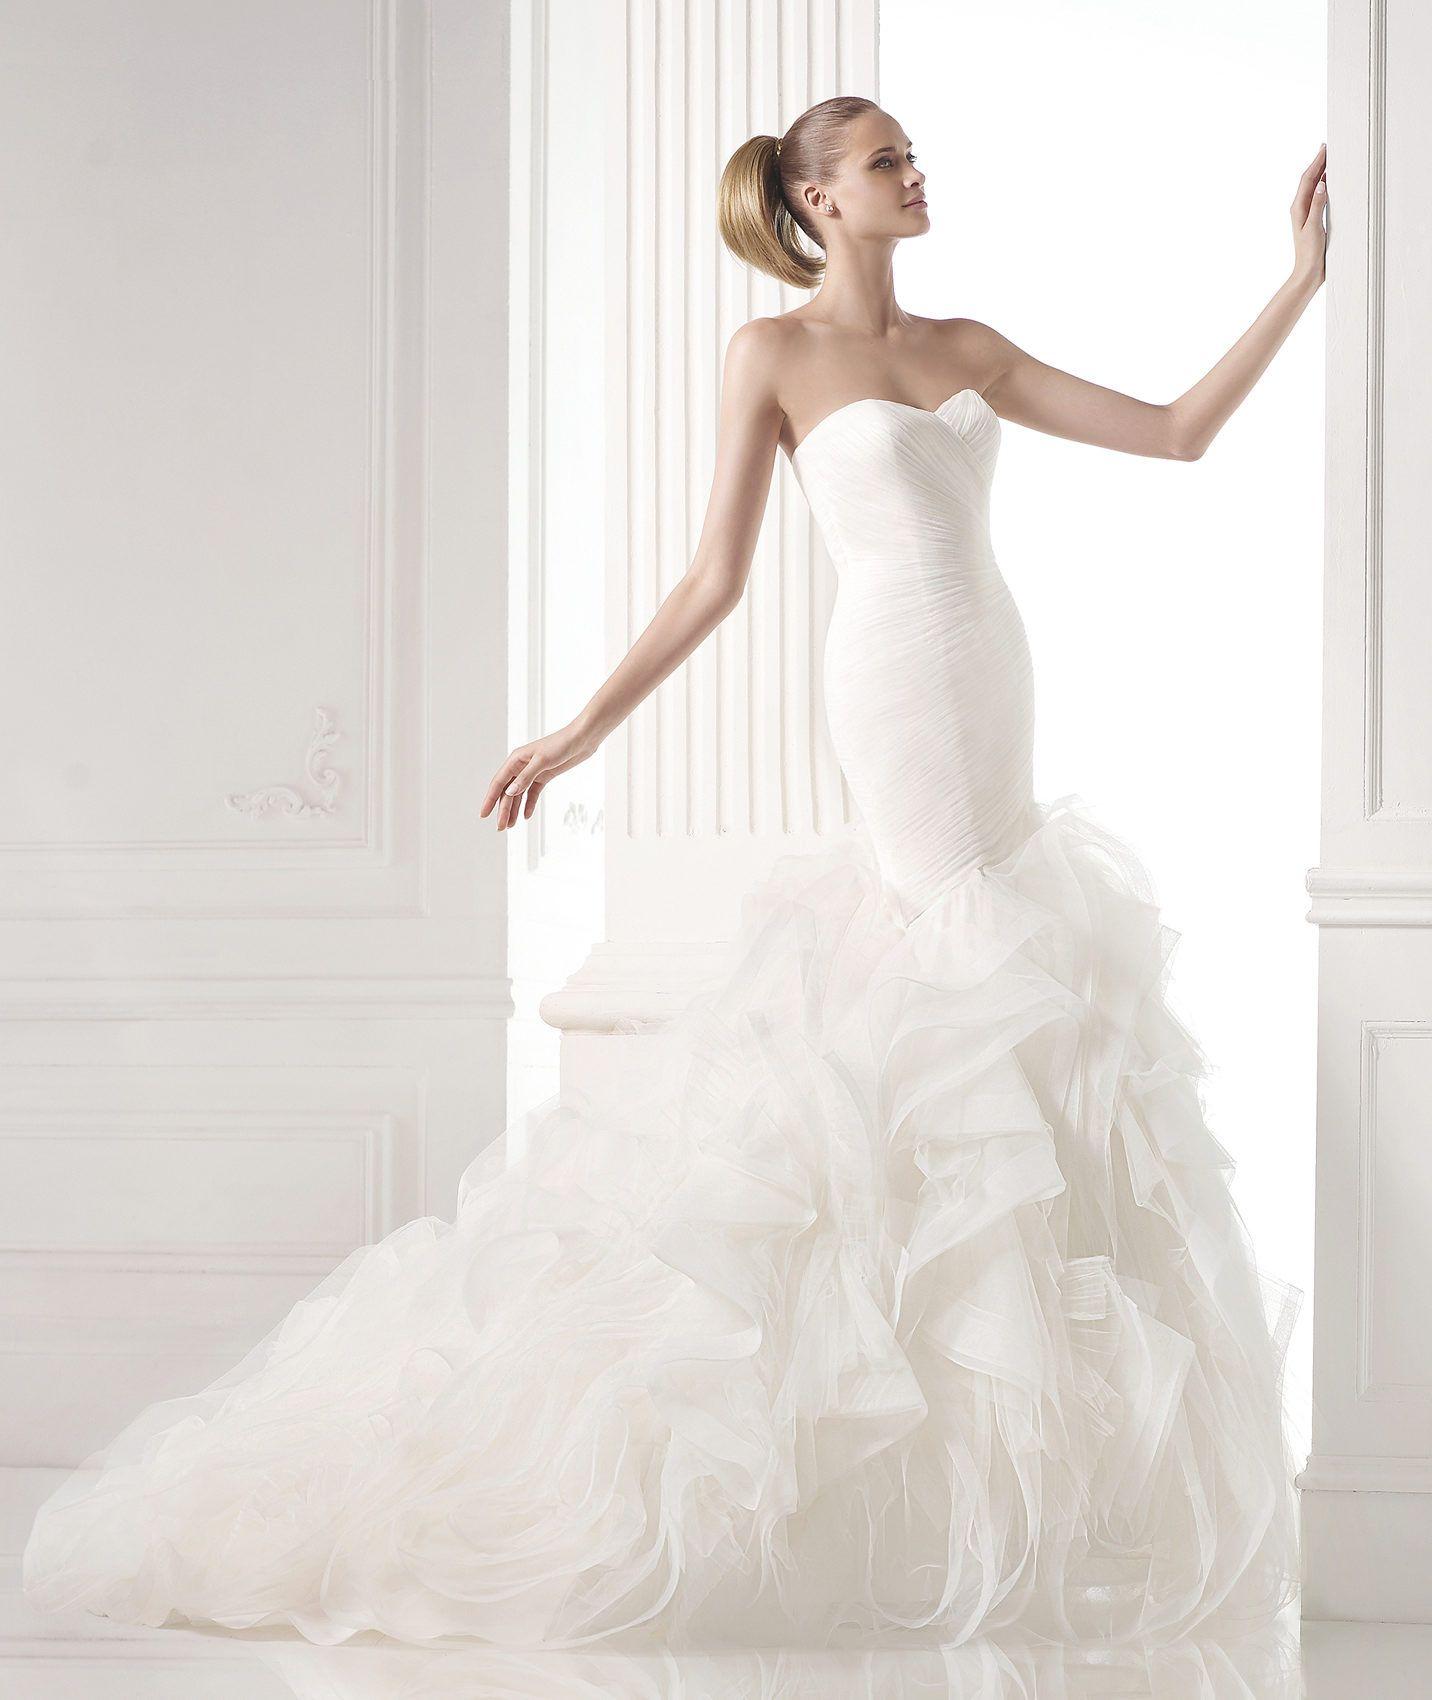 Mildred esküvői ruha - Pronovias 2015 kollekciók - Esküvői ruha szalon -  Menyasszonyi ruha kölcsönzés  30ac6bf3e8